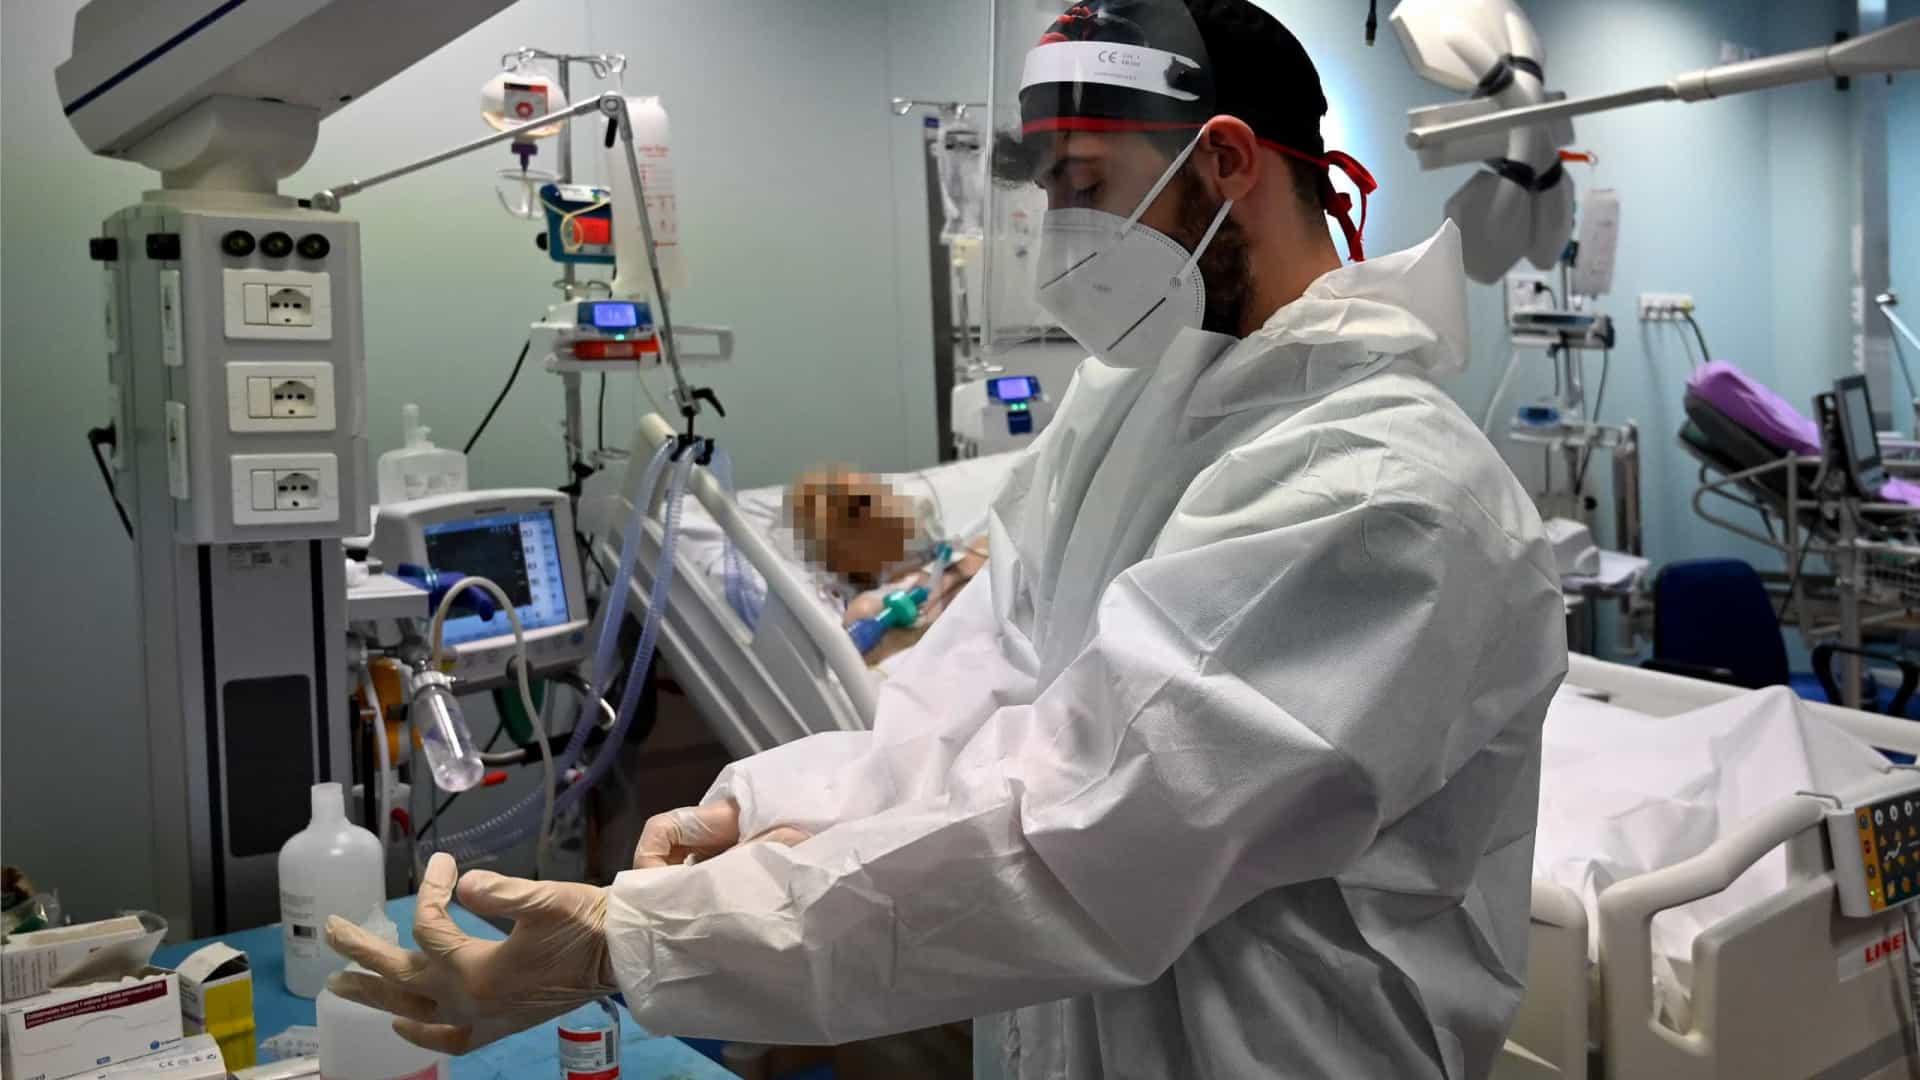 naom 5f91a42952d1d - COVID-19 em Manaus: Pacientes em recuperação lotam UTI de hospital com sequelas da doença